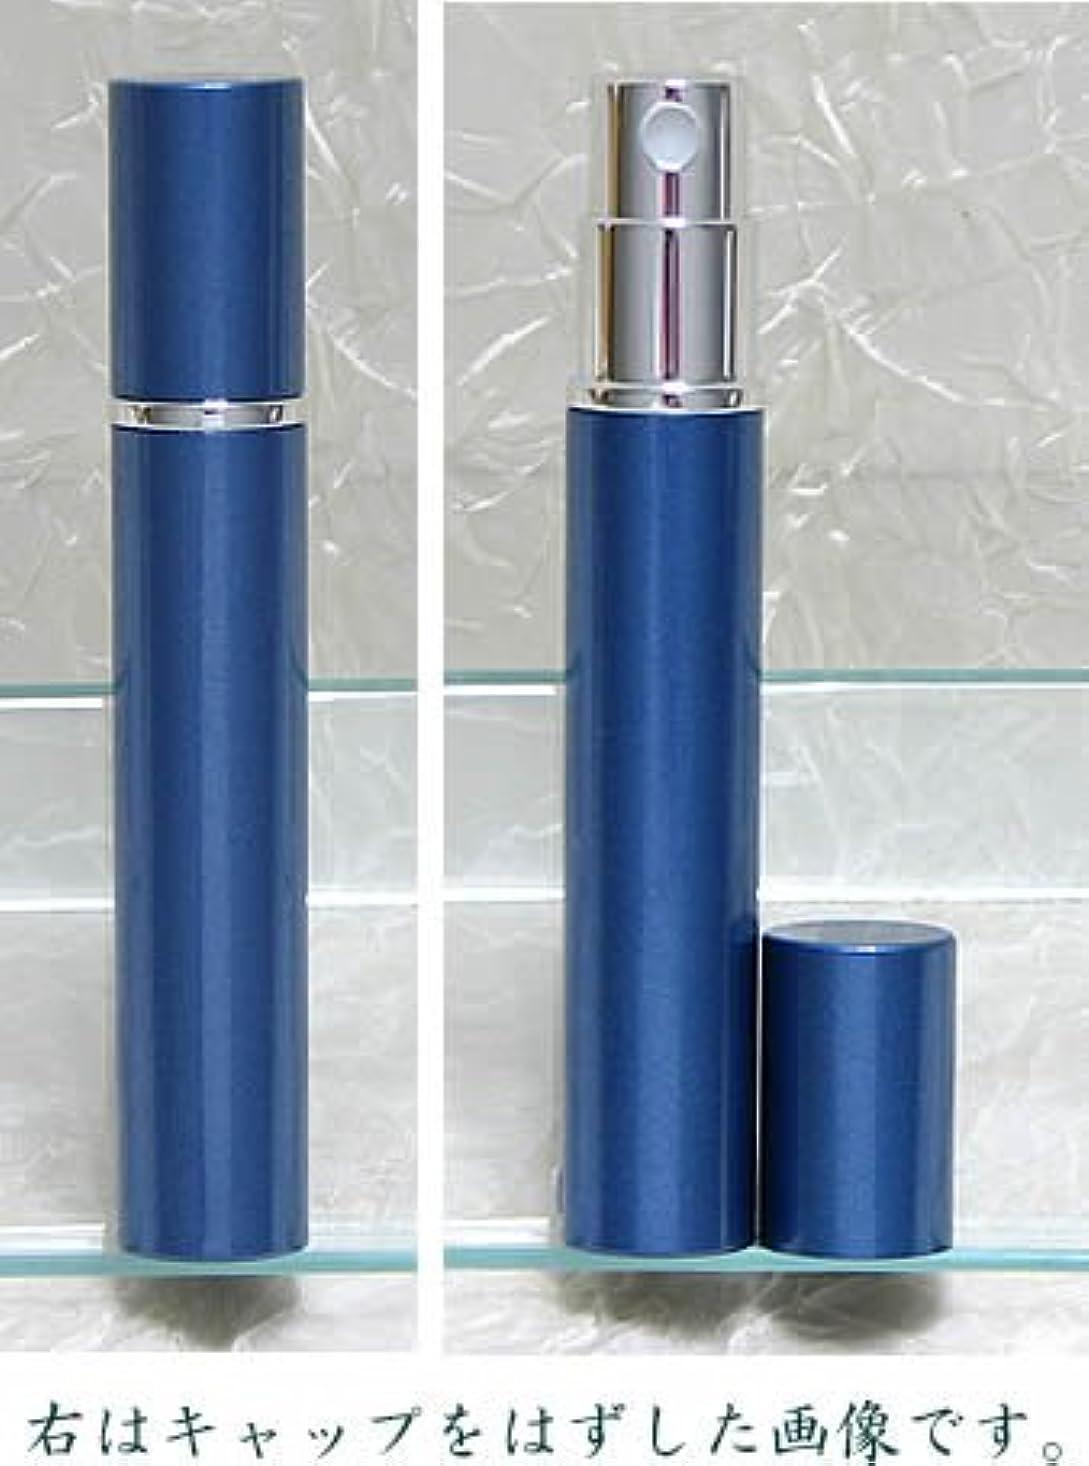 急流箱カウンタパースメタルアトマイザーL、メタリックカラーブルー